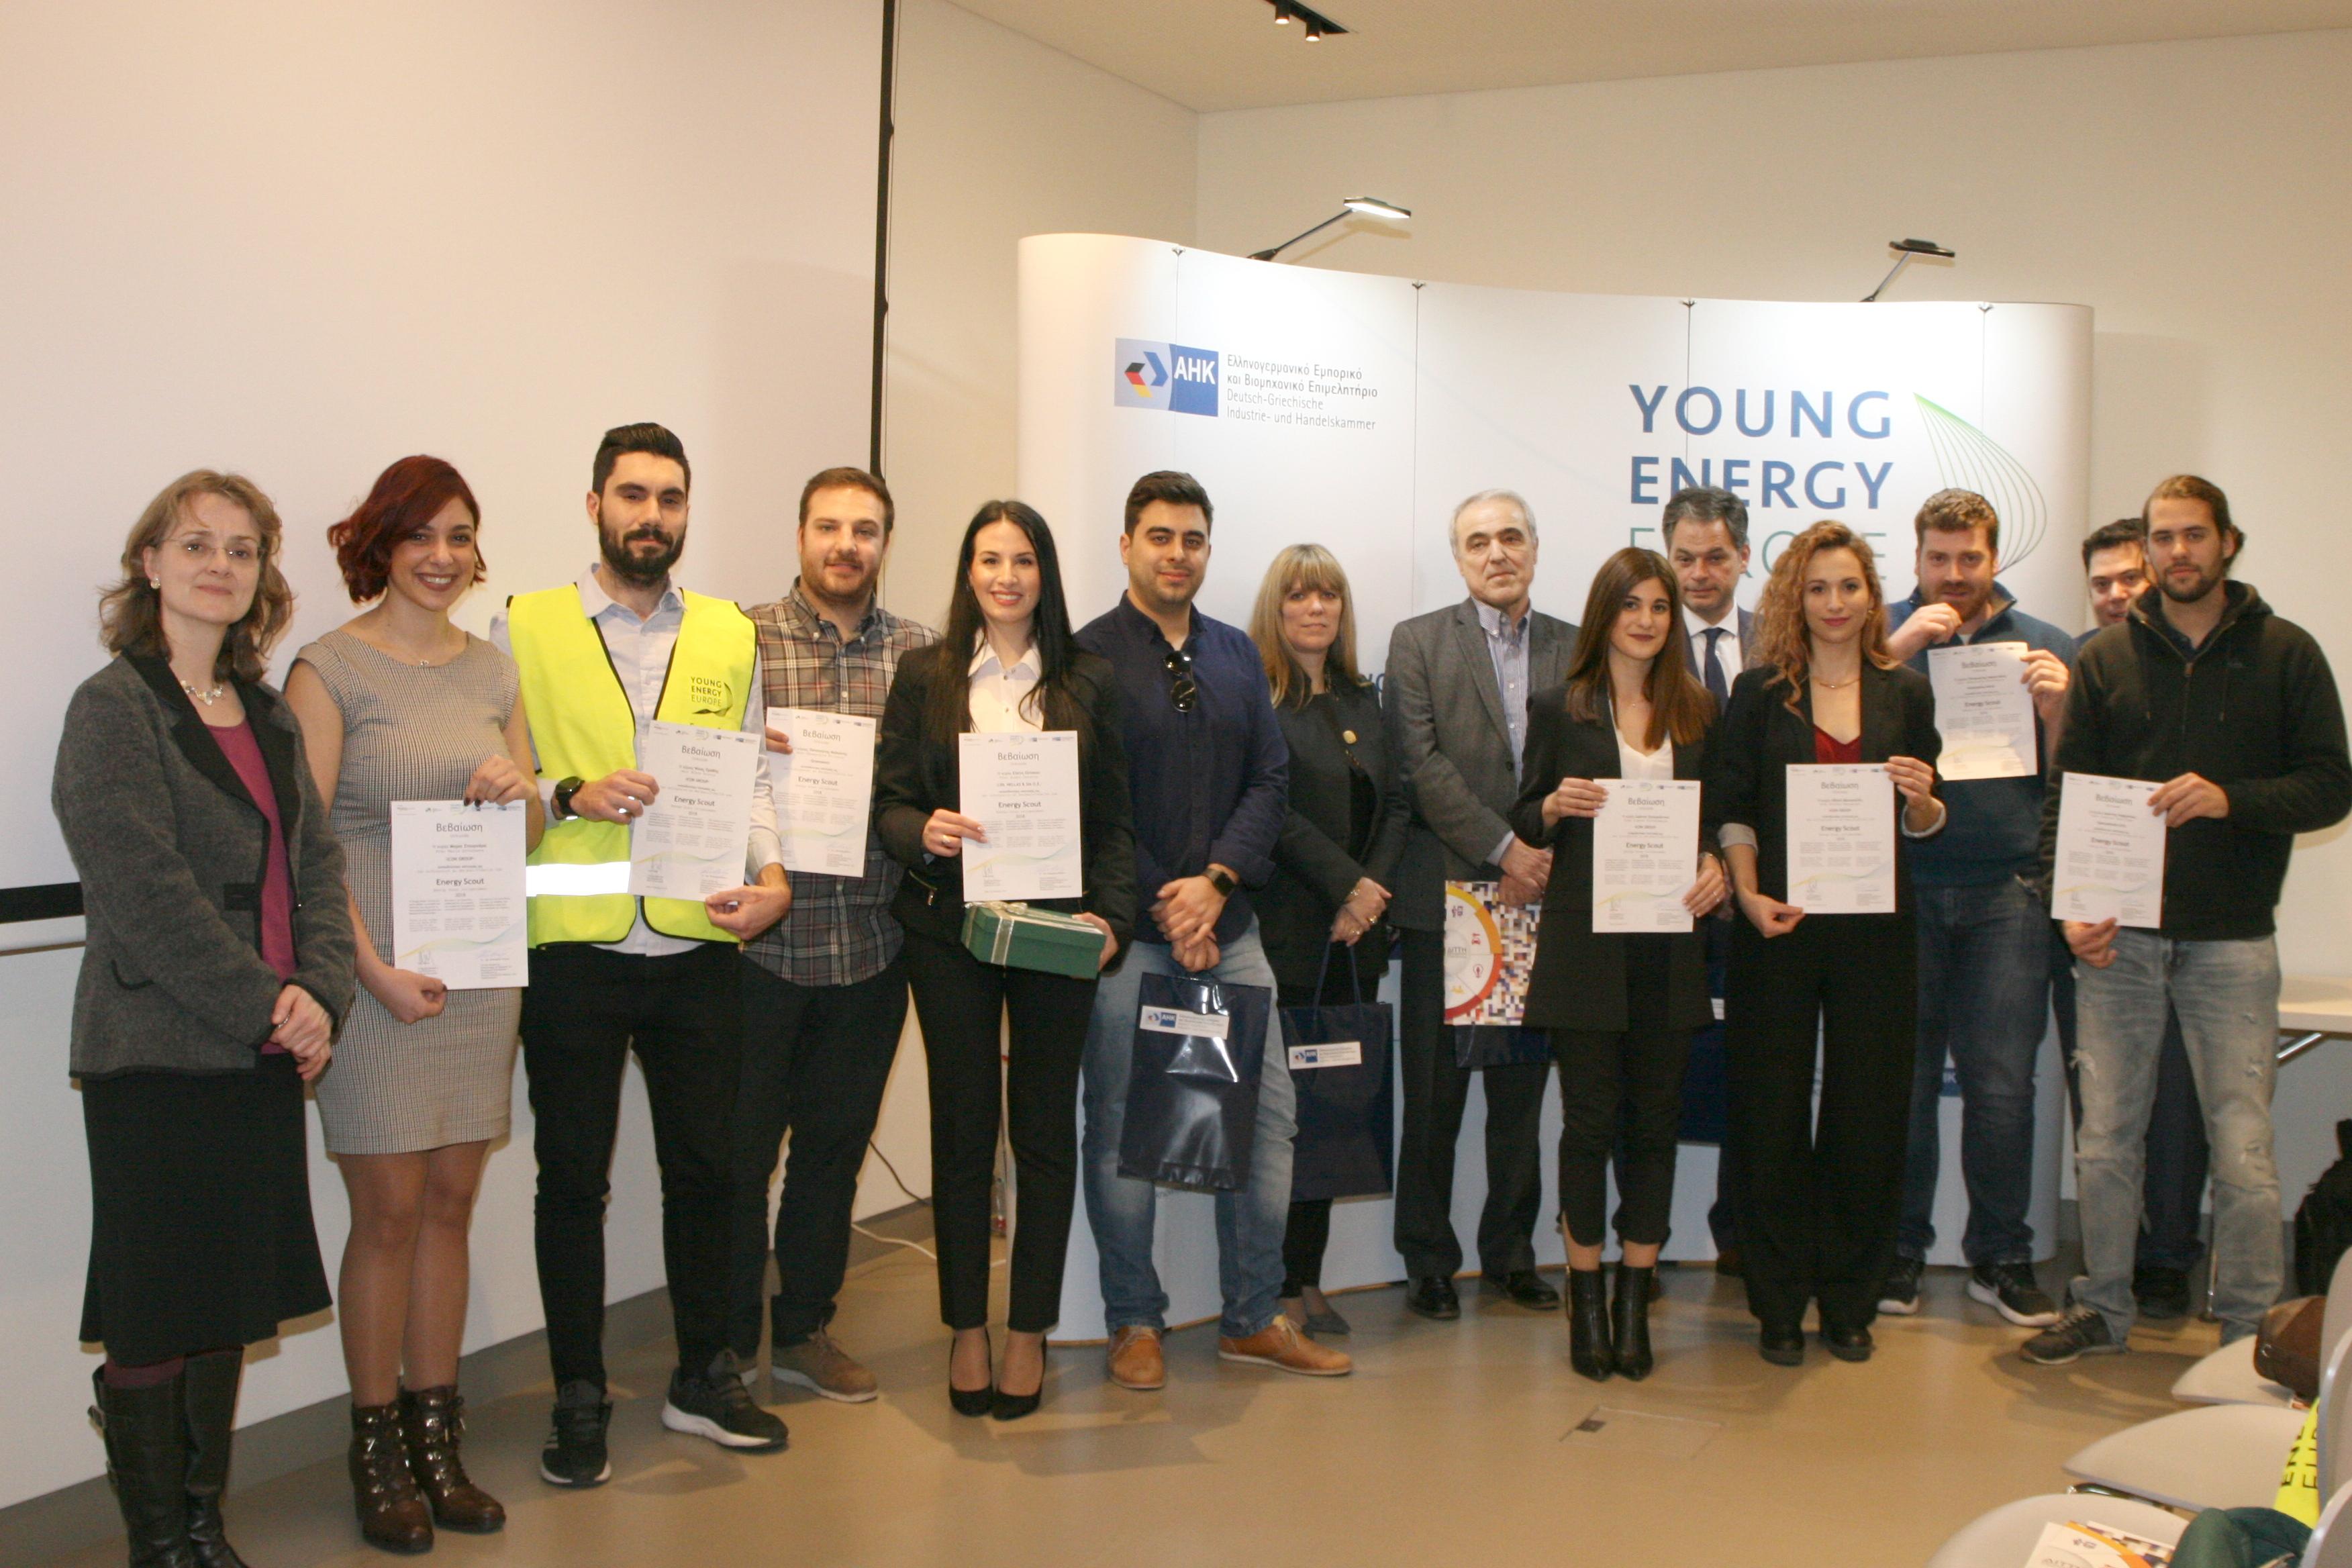 """Απονομή των πρώτων βεβαιώσεων """"Energy Scouts"""" στην Ελλάδα στα πλαίσια του έργου Young Energy Europe"""